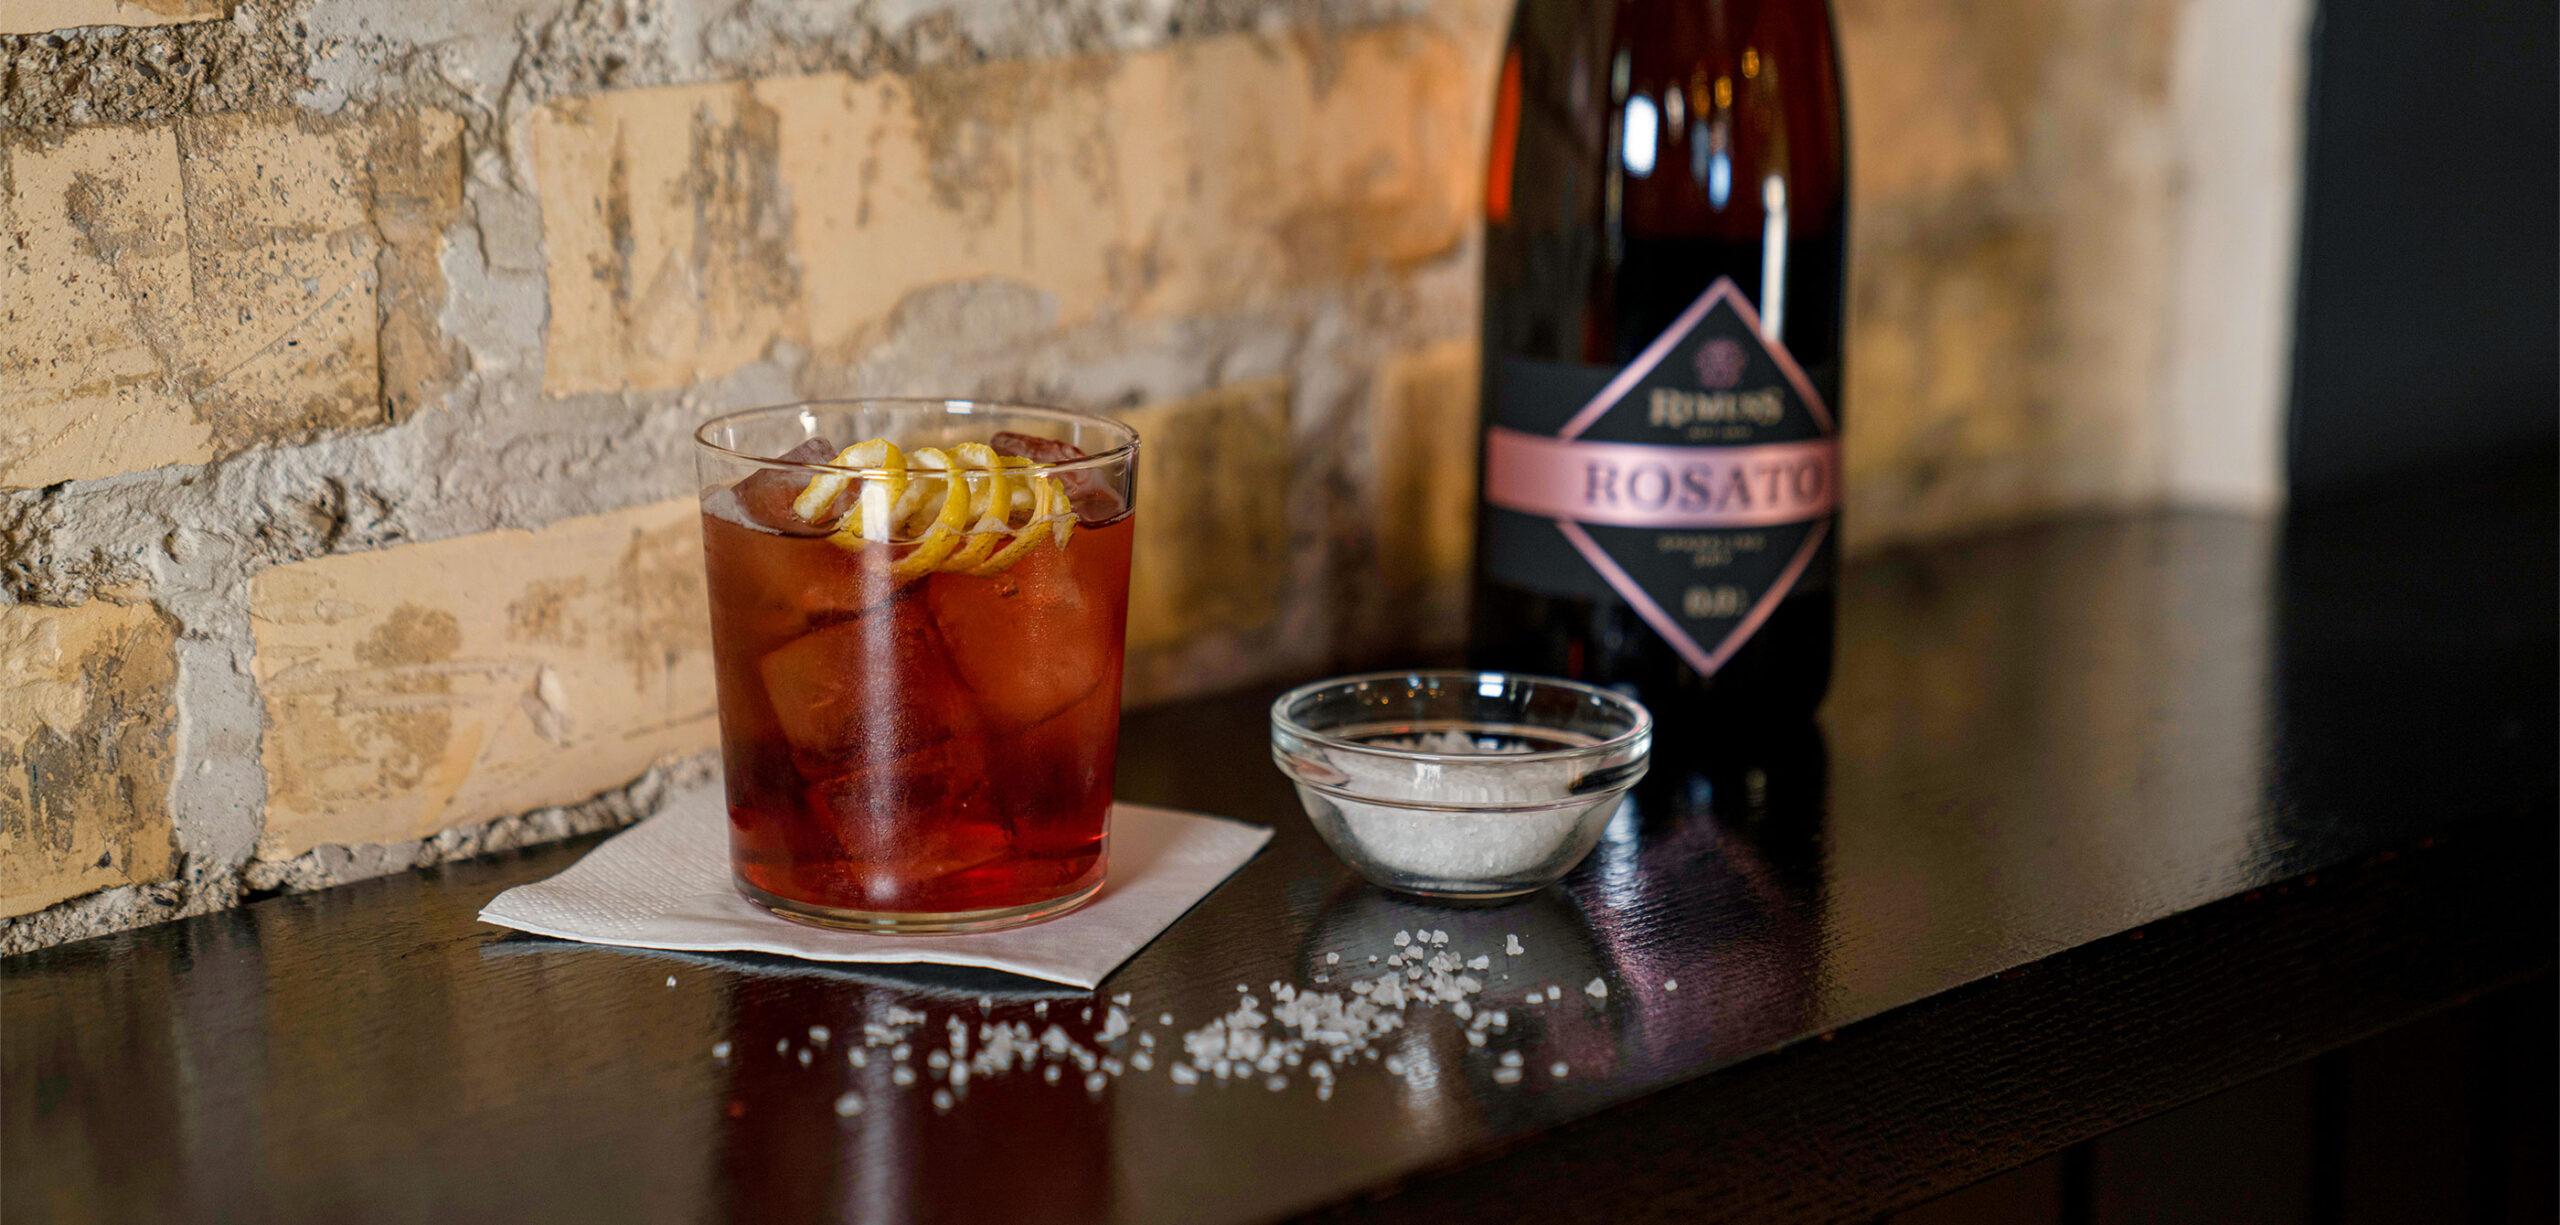 Der coole alkoholfreie Cocktail Cold'n'Dry auf einem Bartisch mit Rimuss Rosato Dry und einer kleinen Schale mit Salz